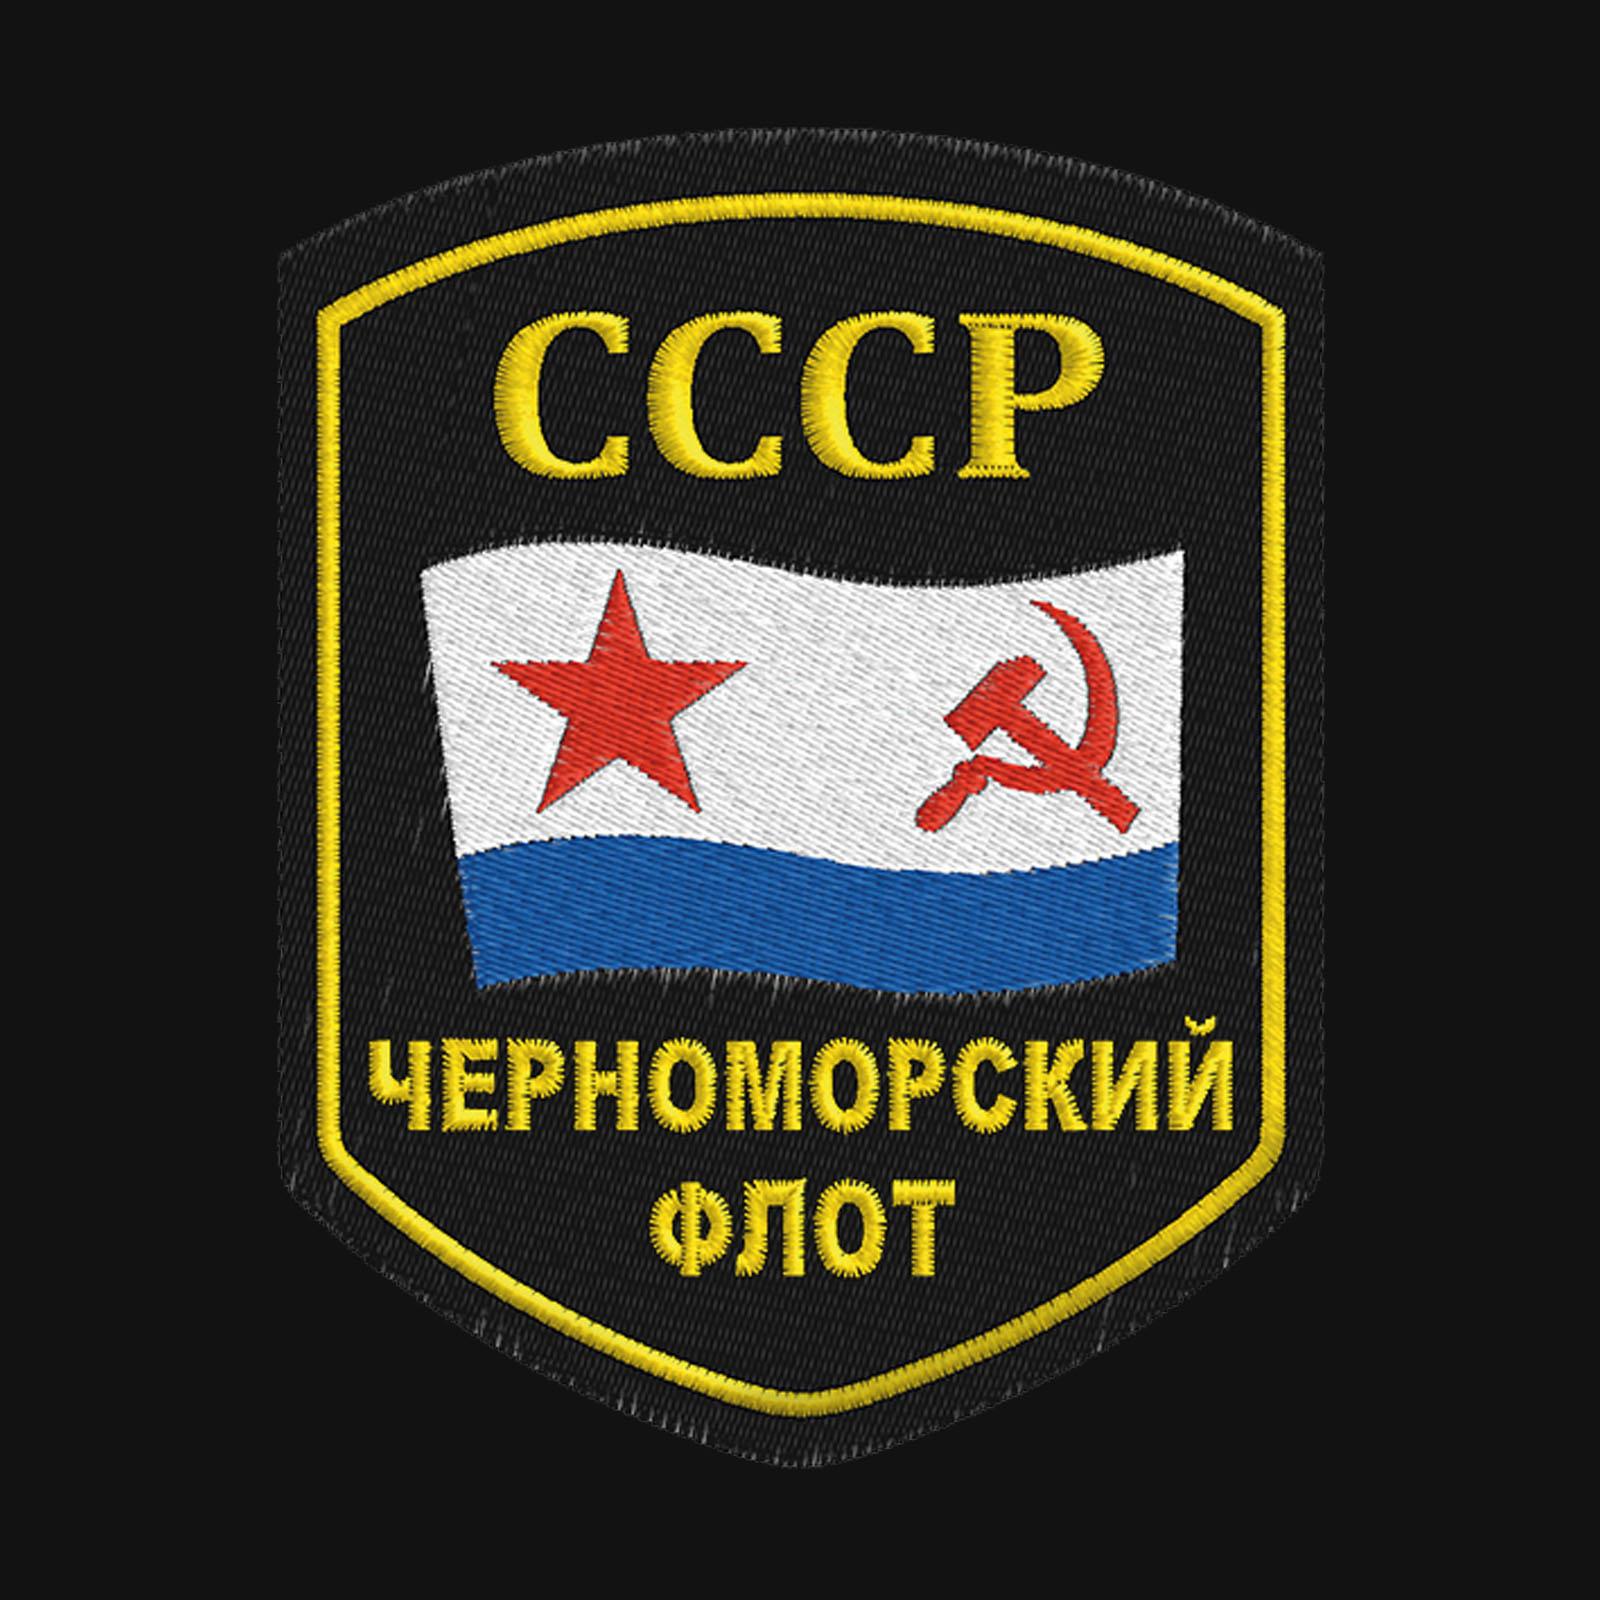 Толстовка мужская с нашивкой Черноморский флот СССР купить в розницу